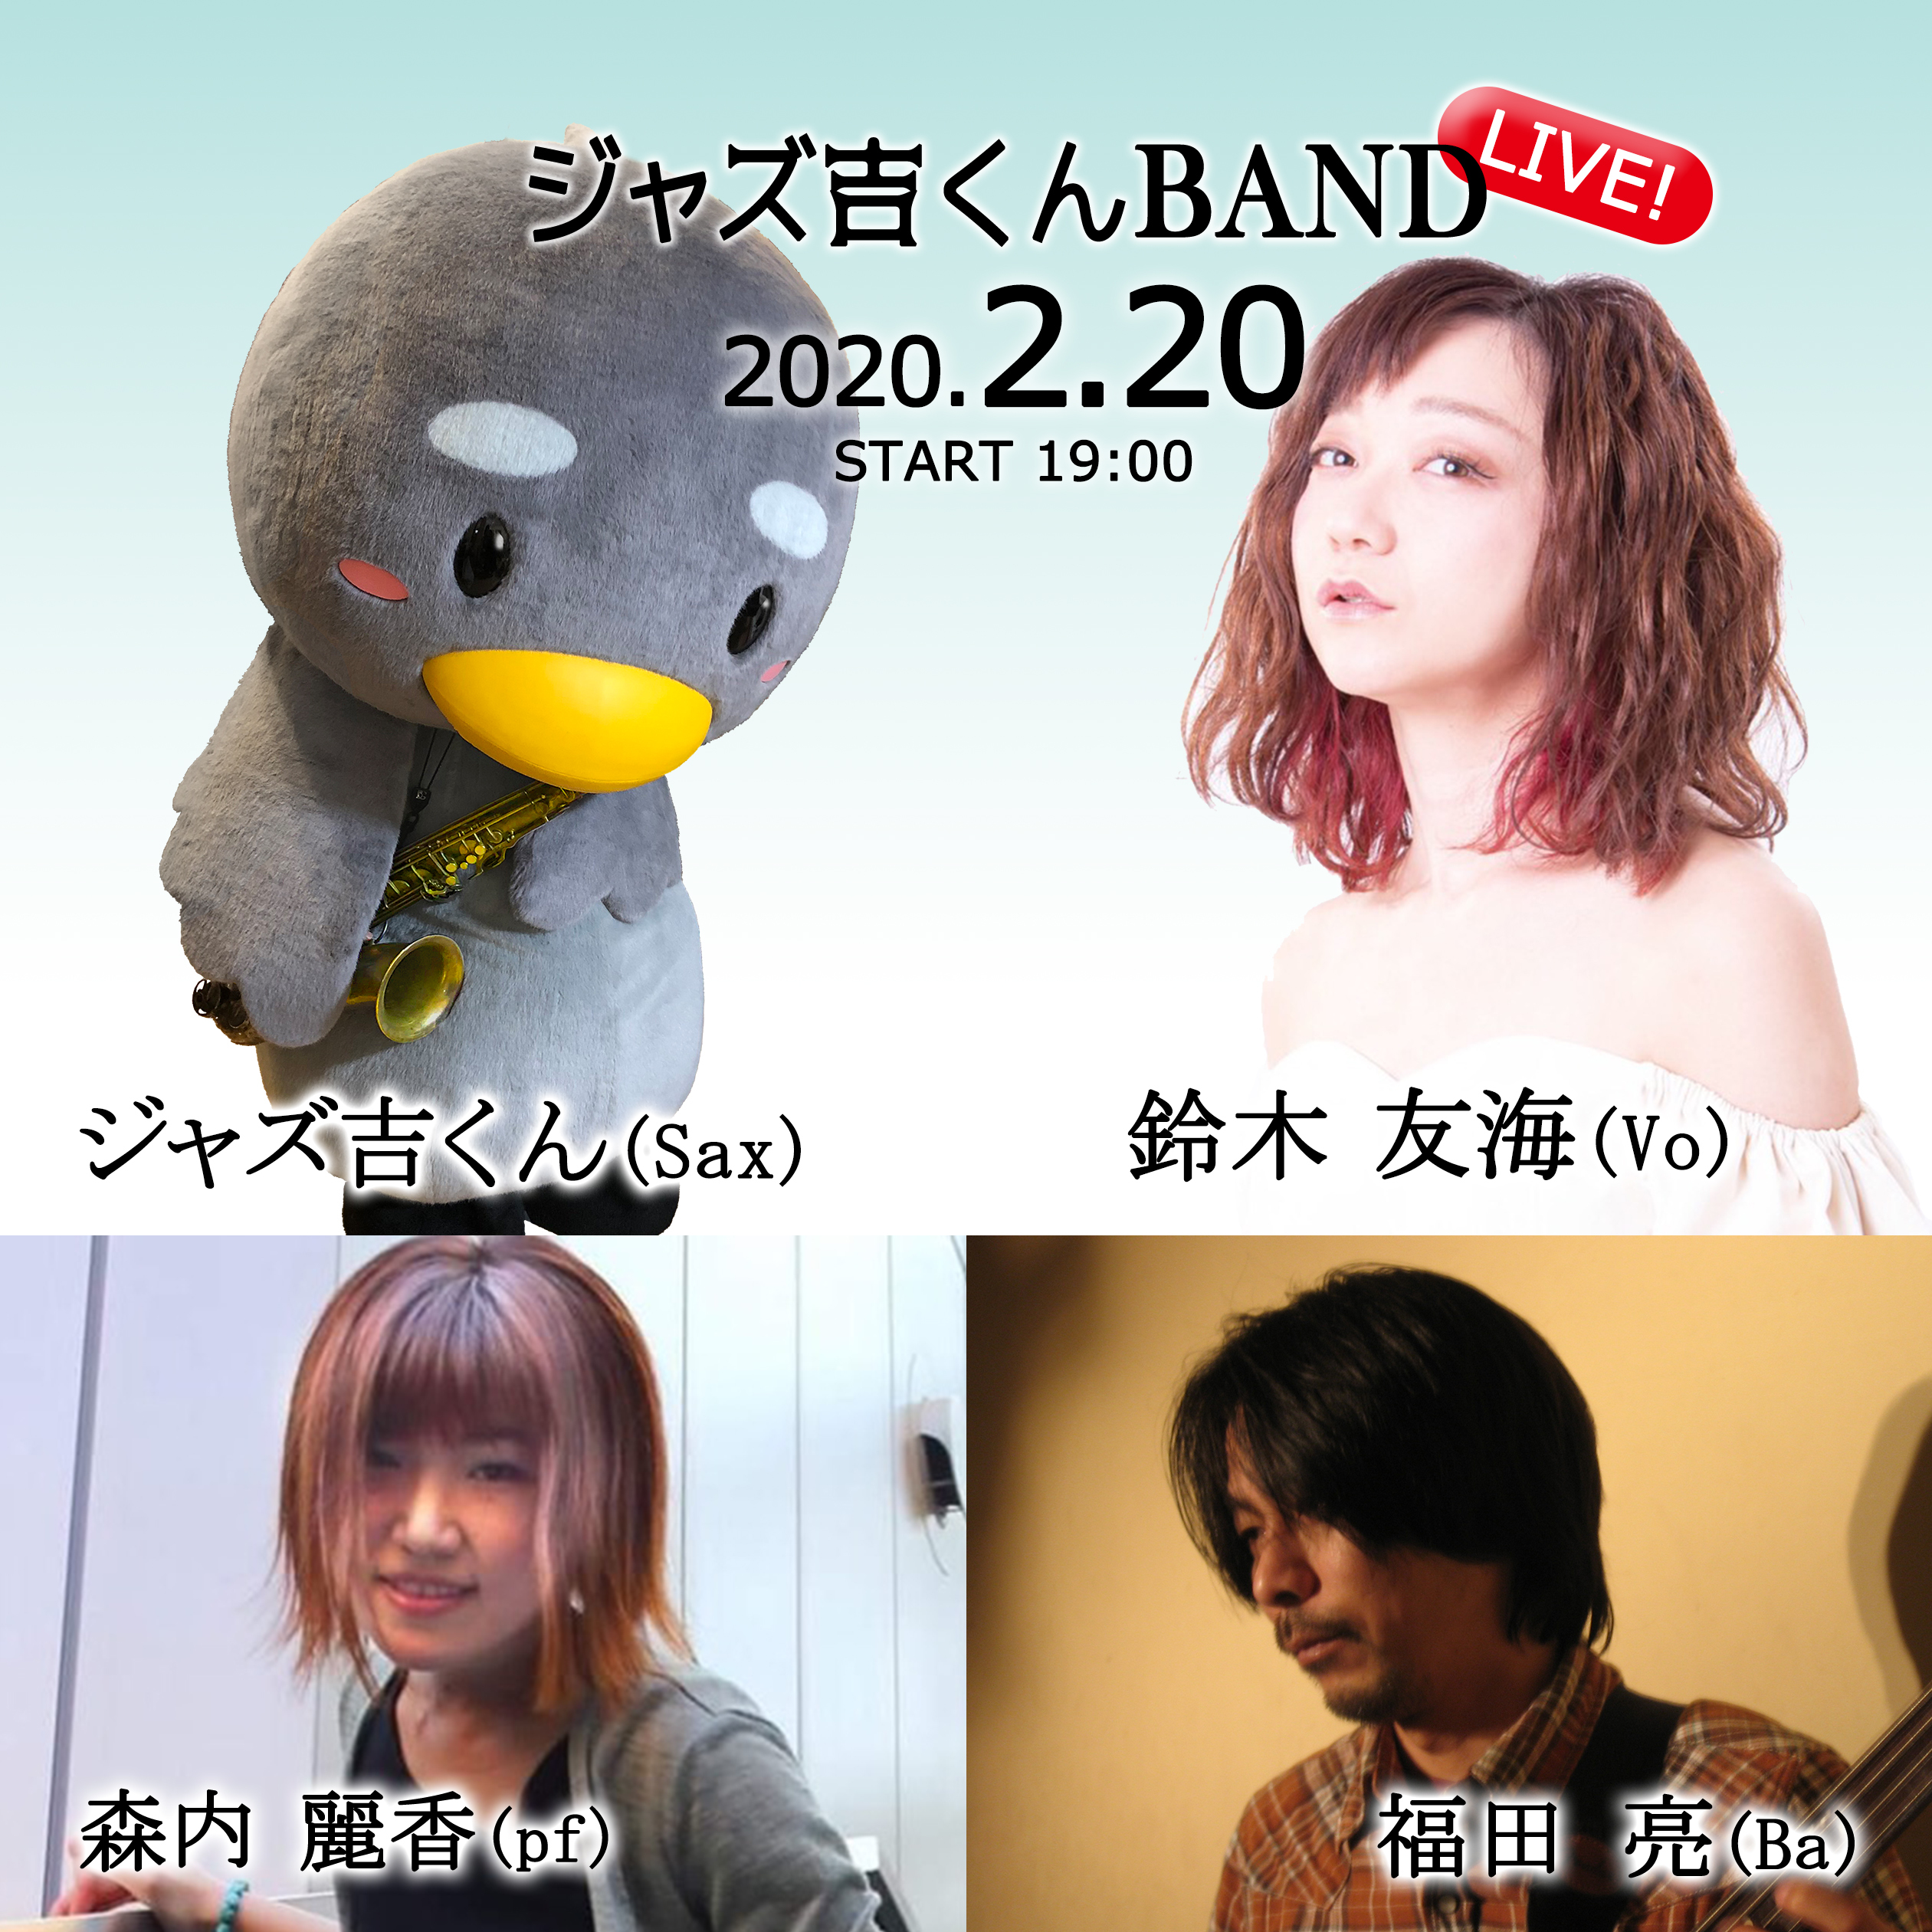 ジャズSaxを演奏するマスコットキャラクター 「ジャズ吉くん」のバンドが、 2月20日(土)19:00に配信ライブを開催